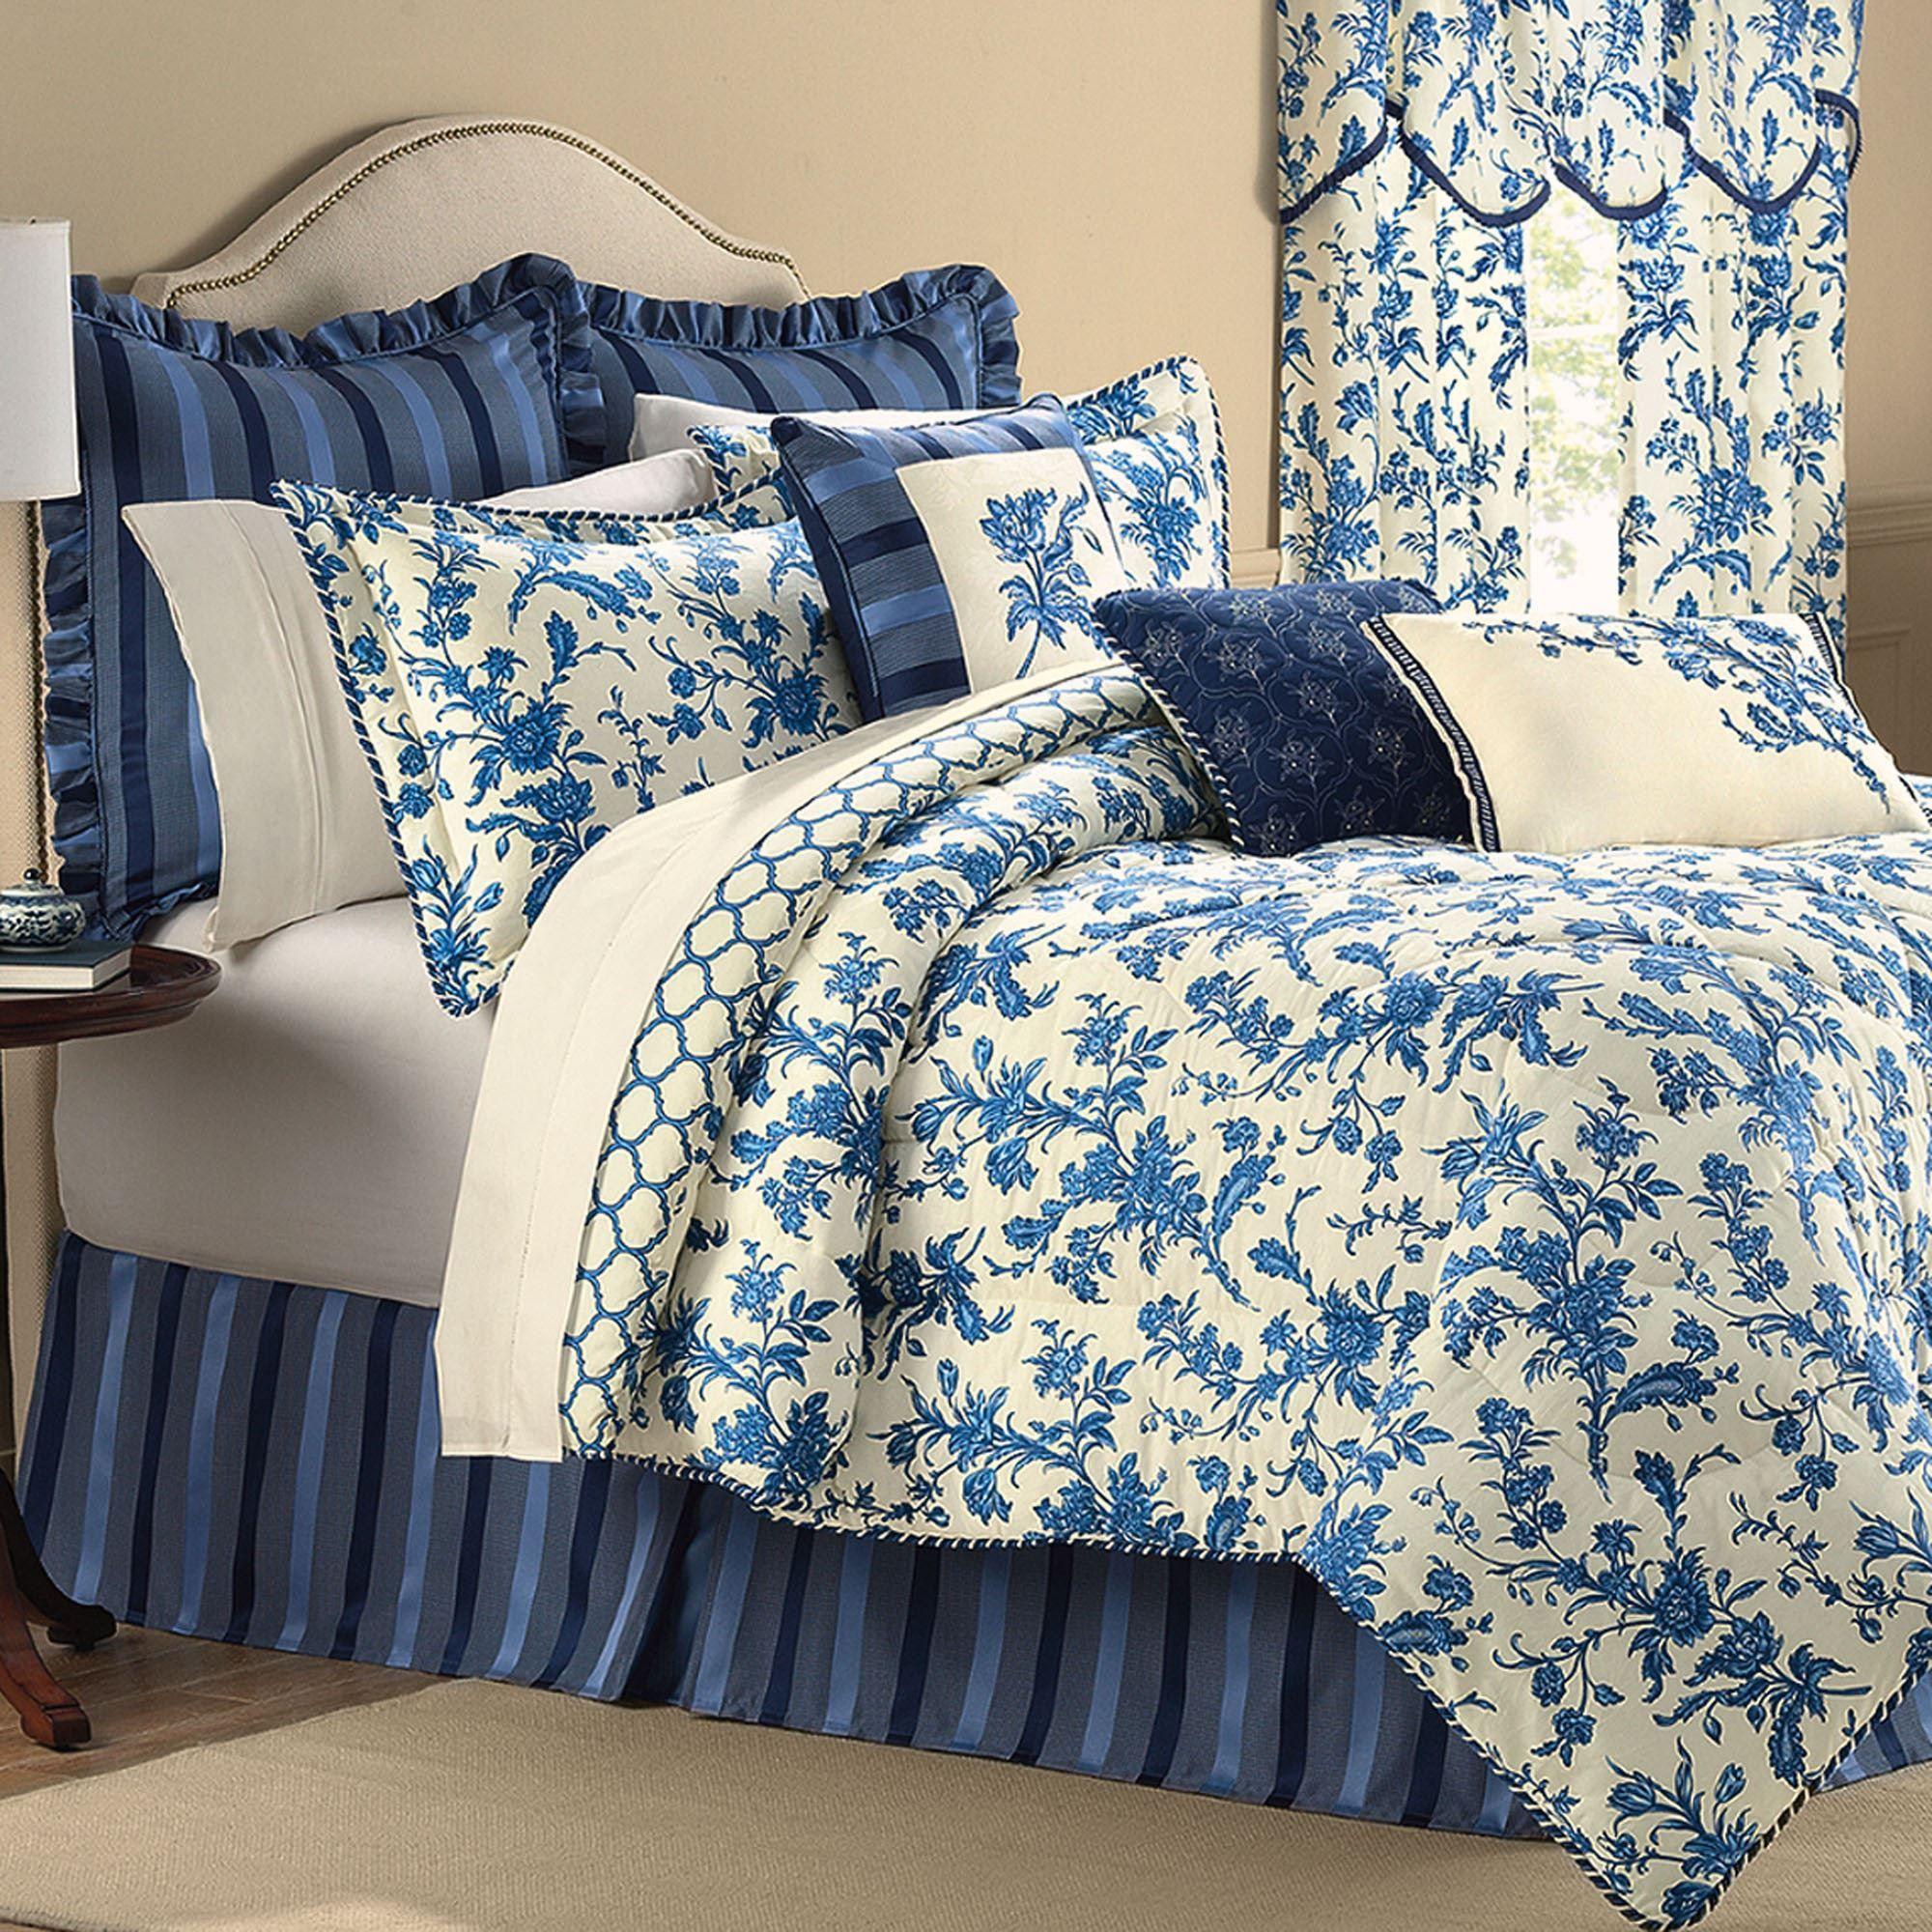 Spring Flowers Full Comforter Set Bedding Подушки